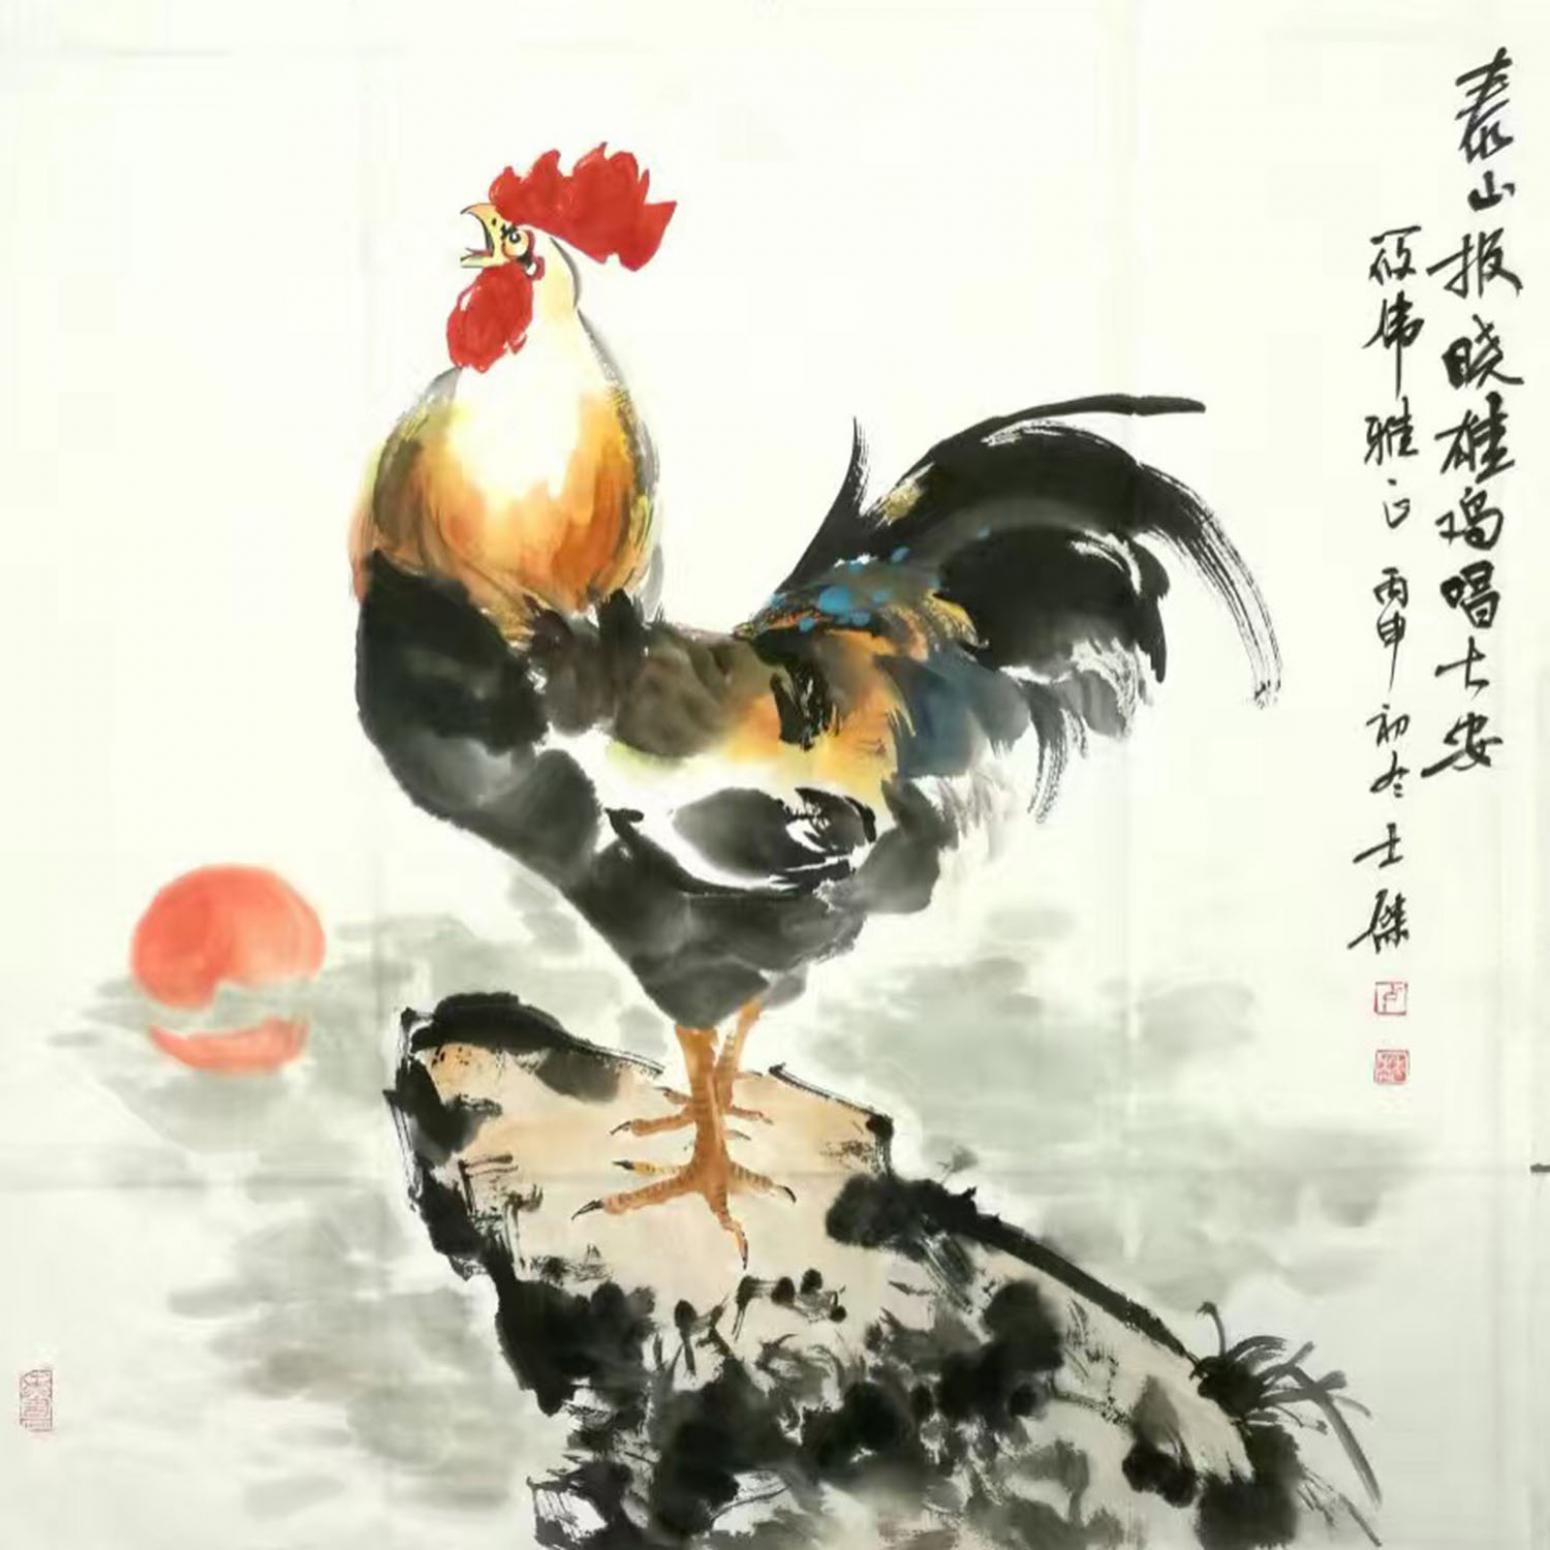 卢士杰国画作品《【泰山报晓雄鸡唱平安】作者卢士杰》【图0】